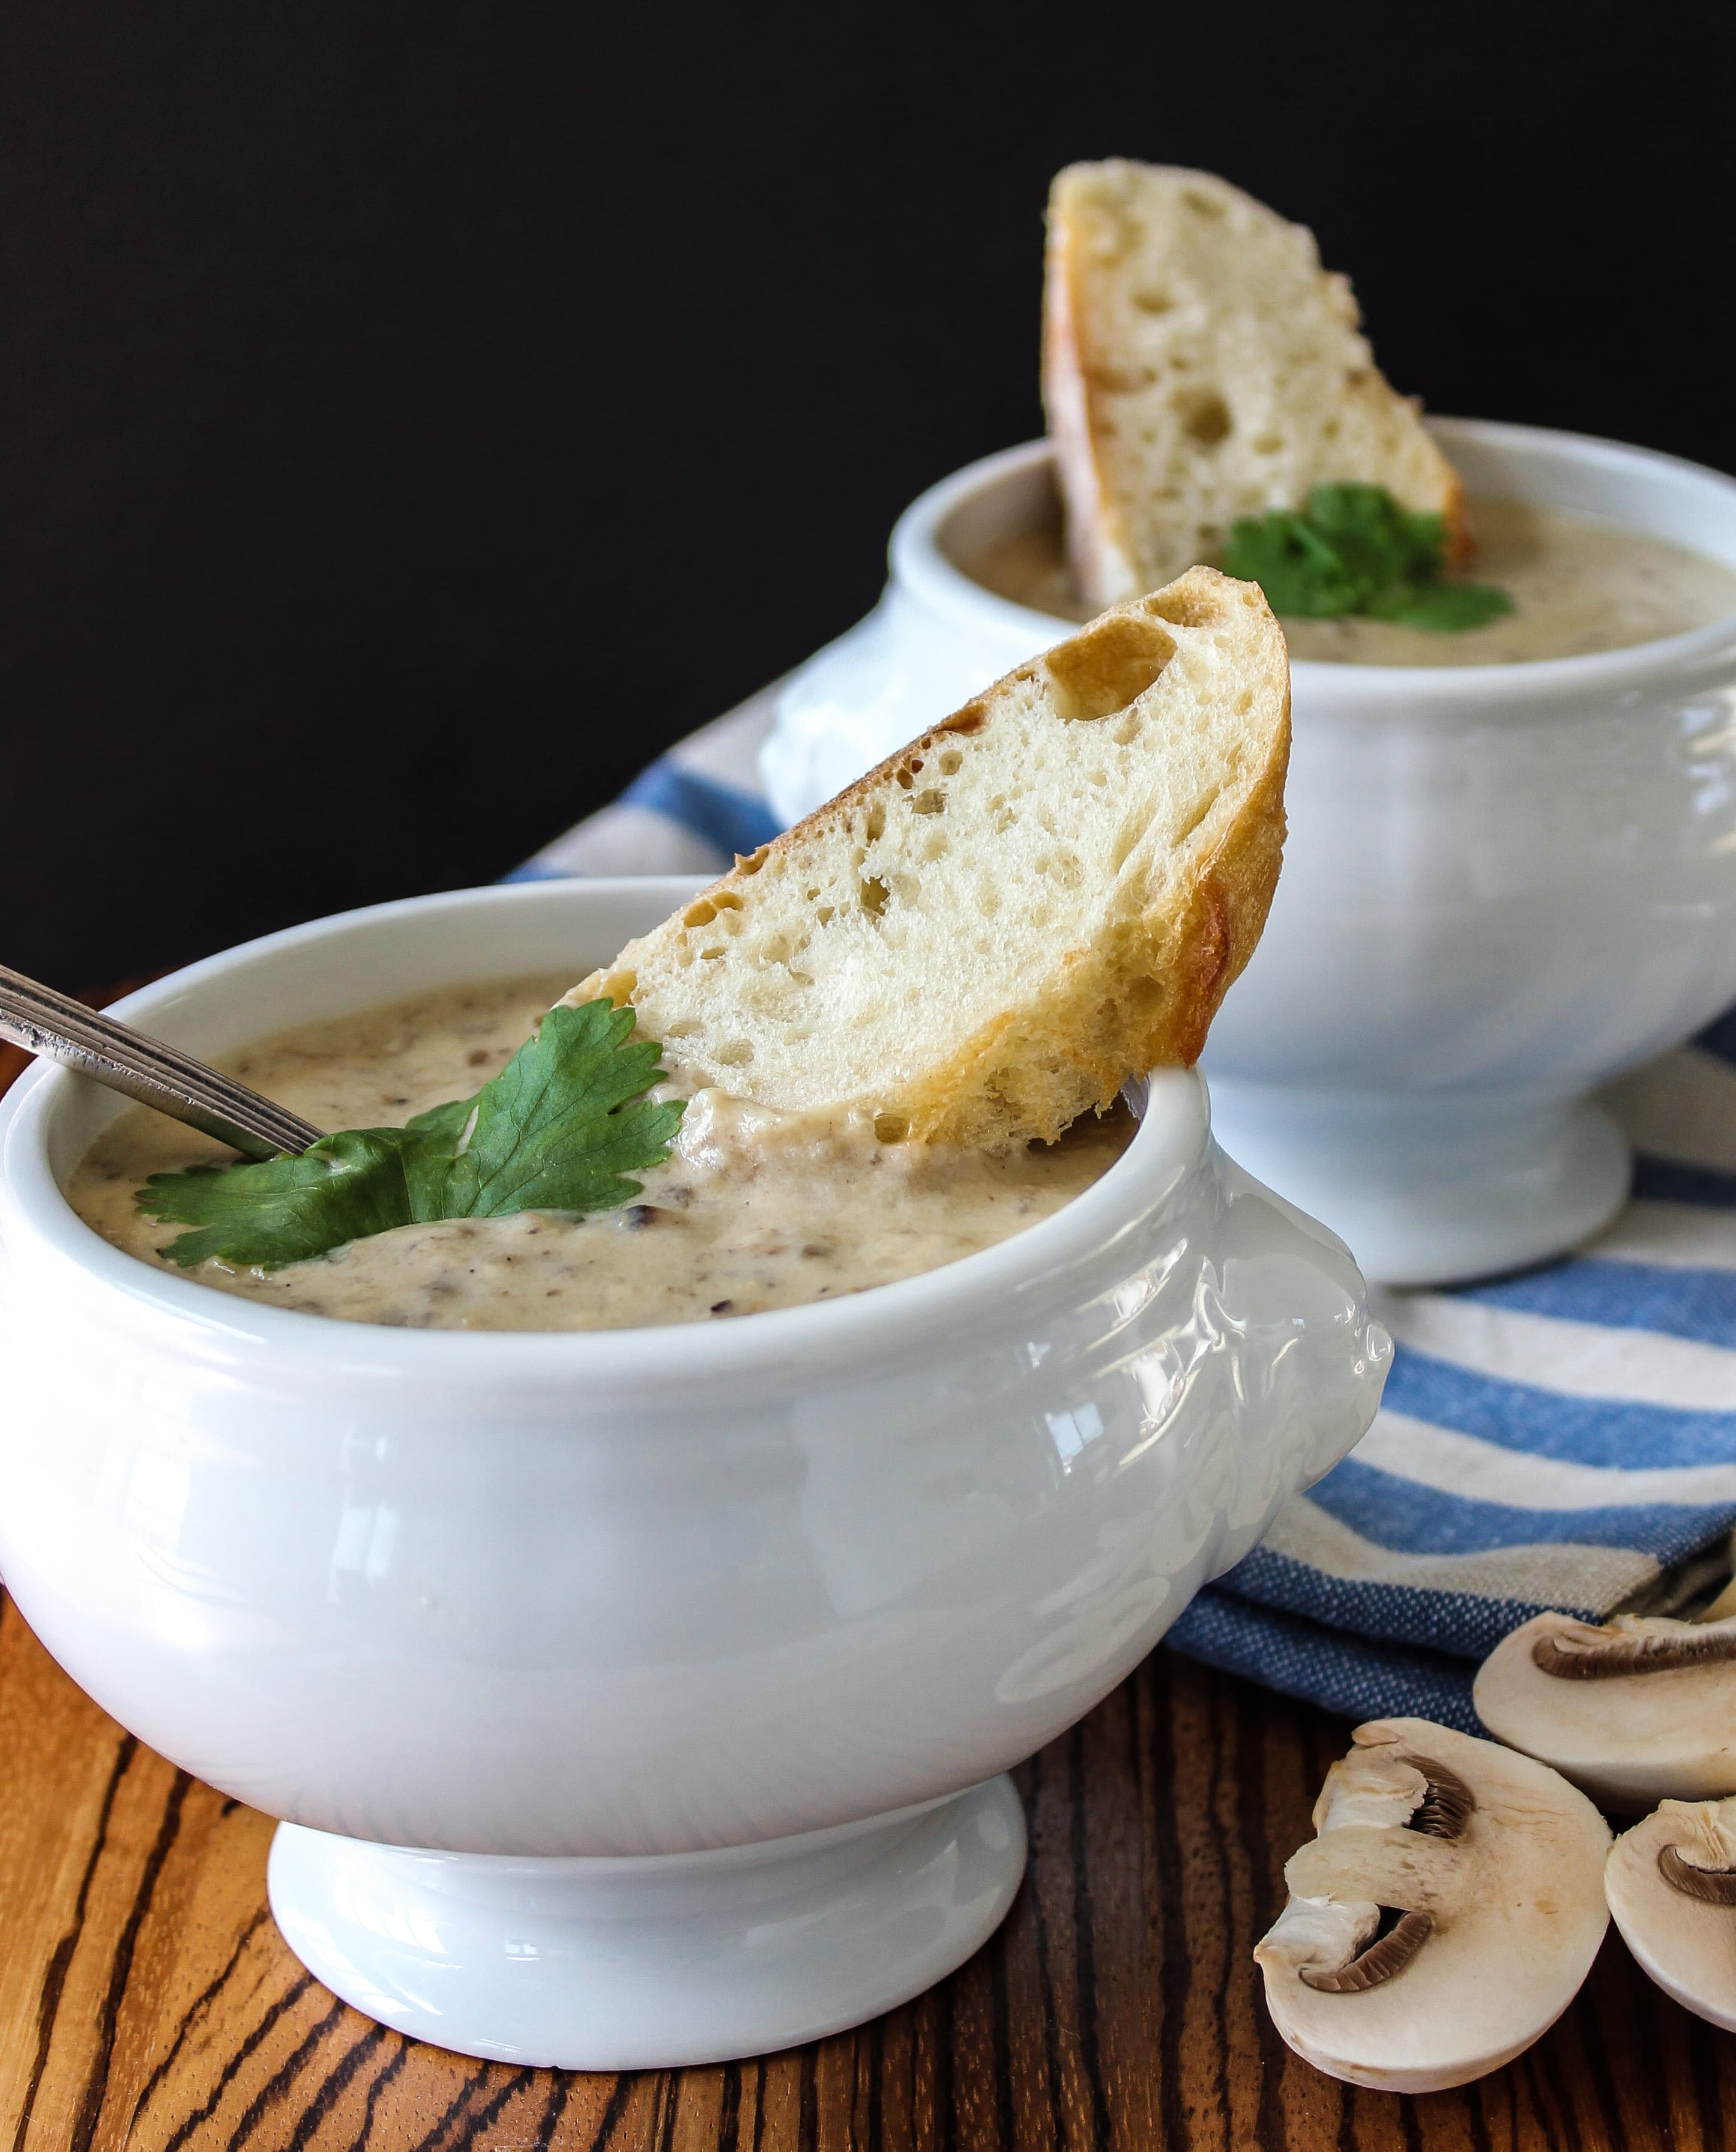 Classic Cream of Mushroom Soup